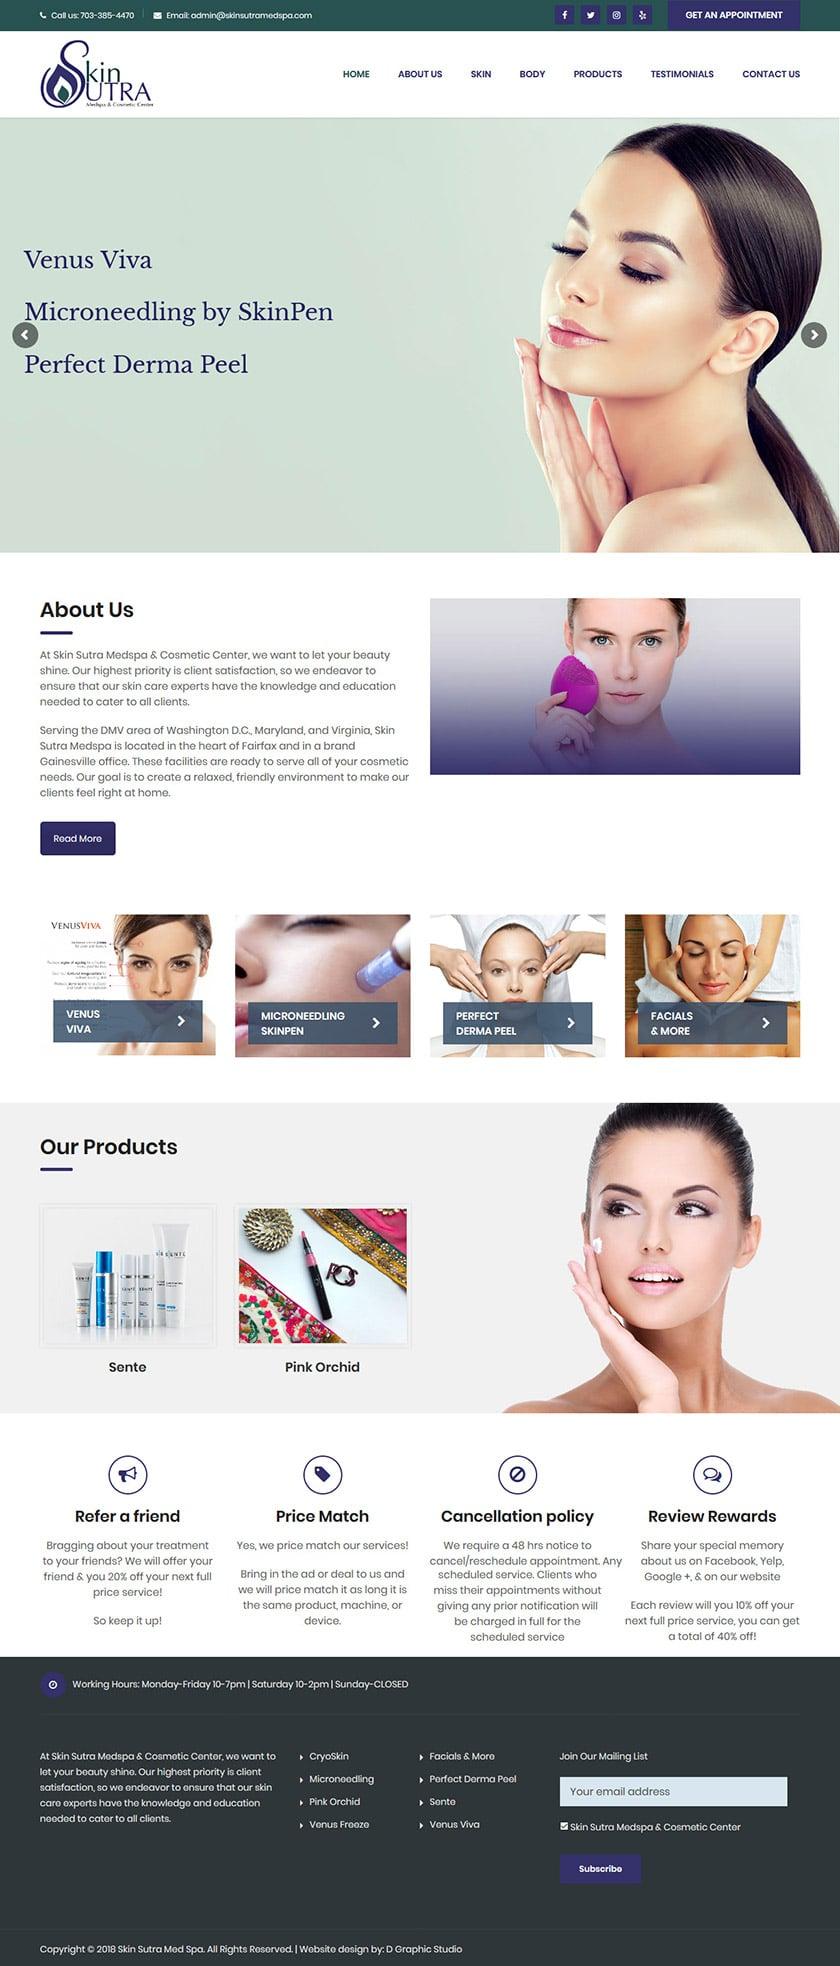 Med Spa Web Design Services